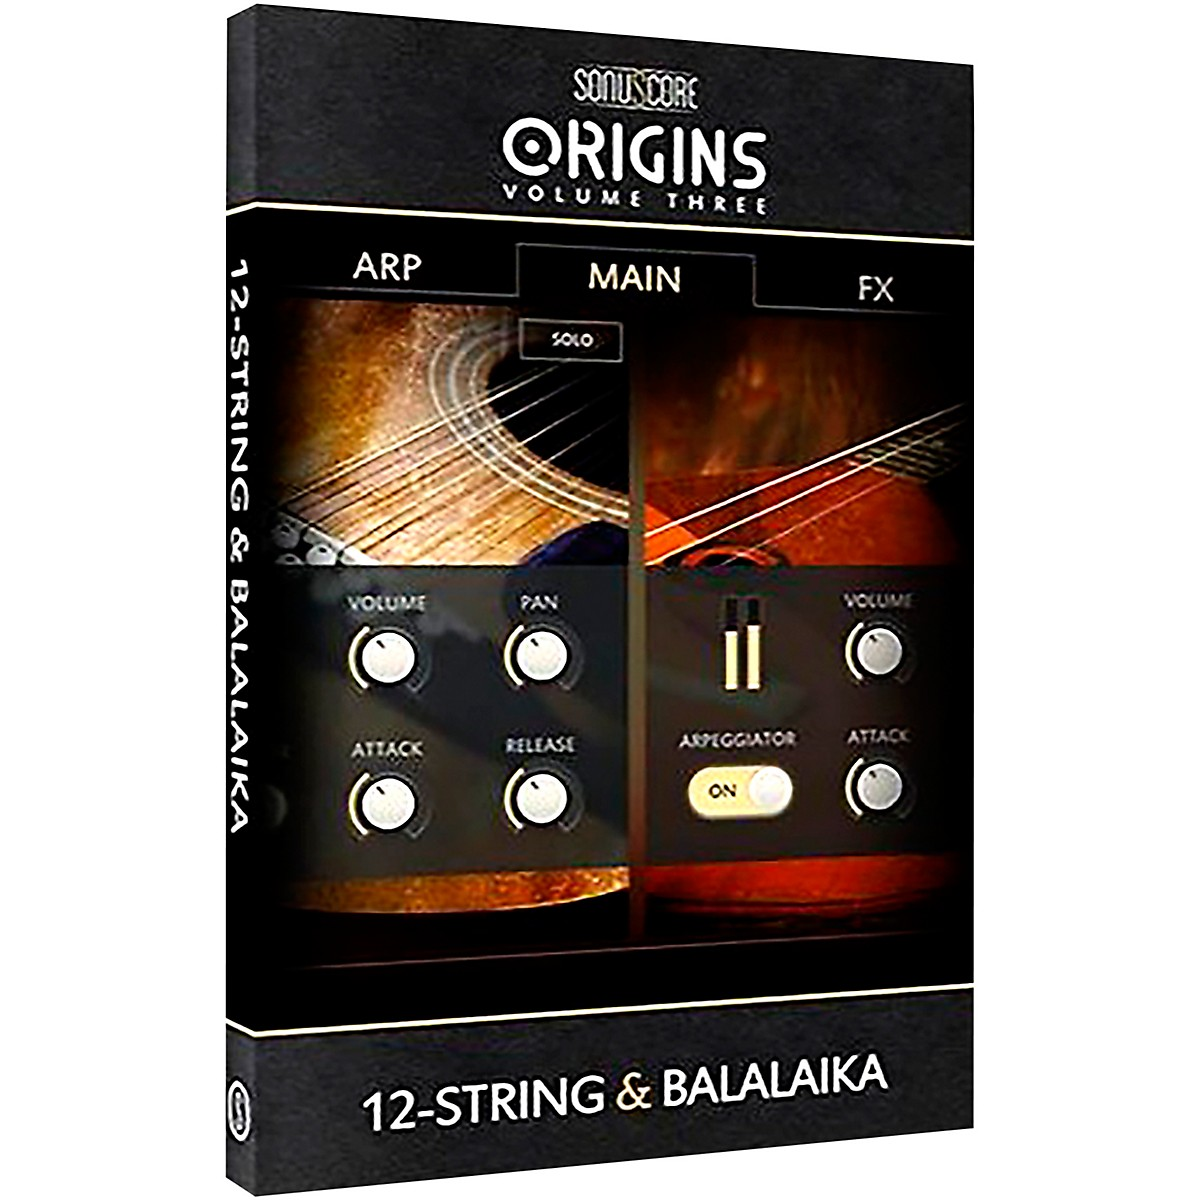 Sonuscore Origins Series Vol. 3 12-String and Balalaika